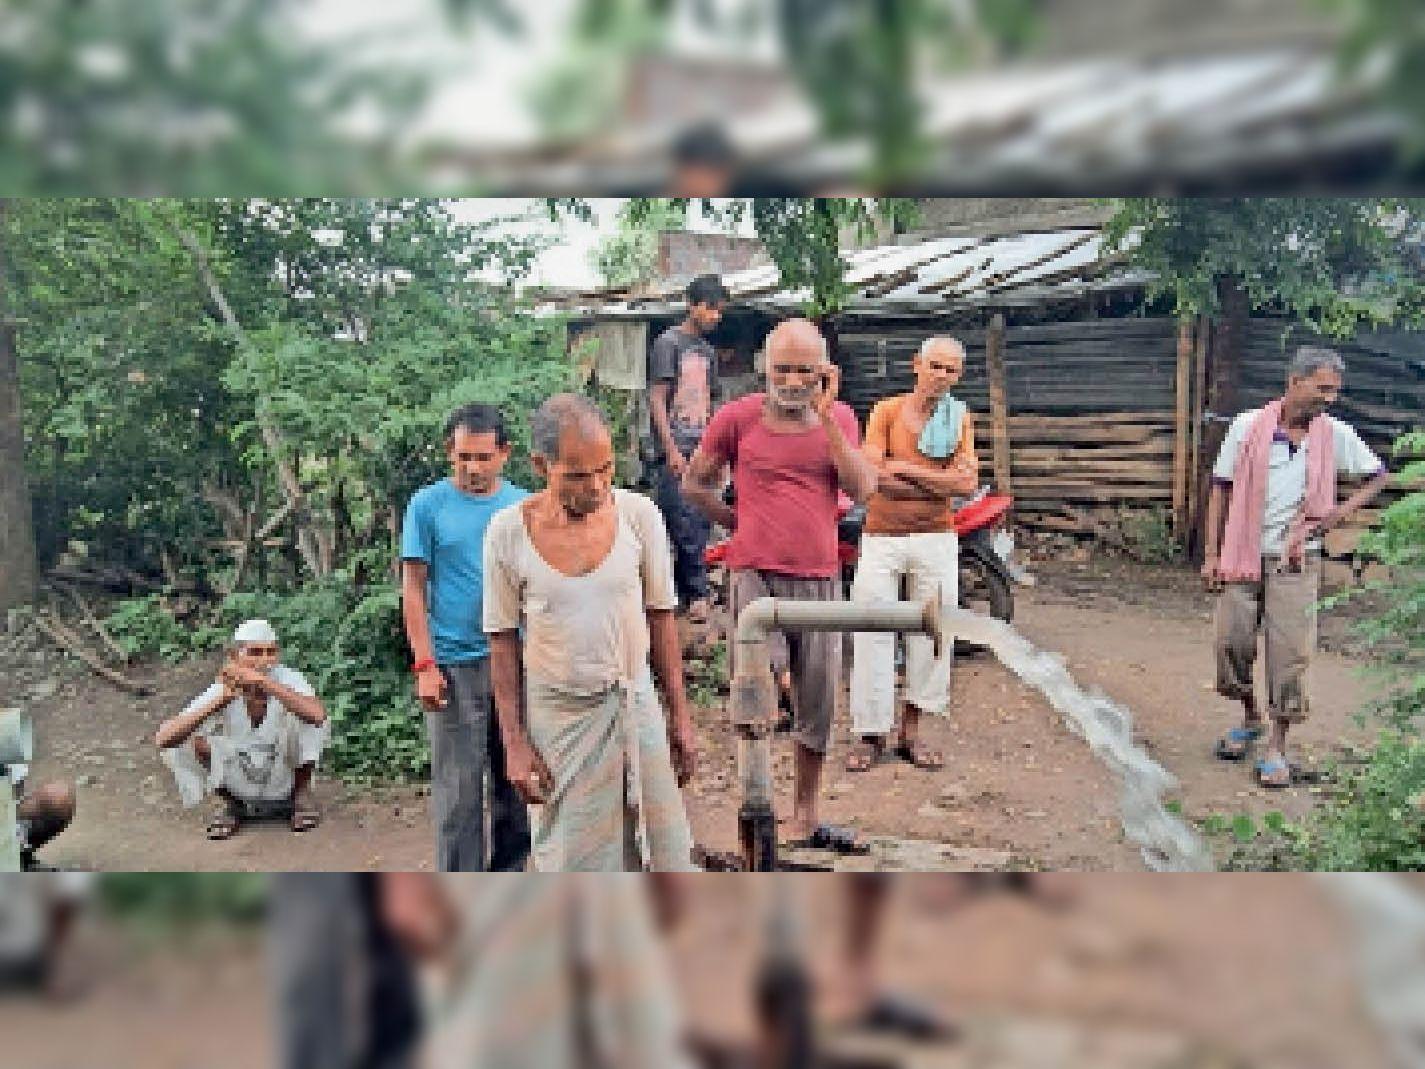 ग्राम जाहूर में ट्यूबवेल में नई मोटर लगने से पानी सप्लाय शुरू हुआ। - Dainik Bhaskar